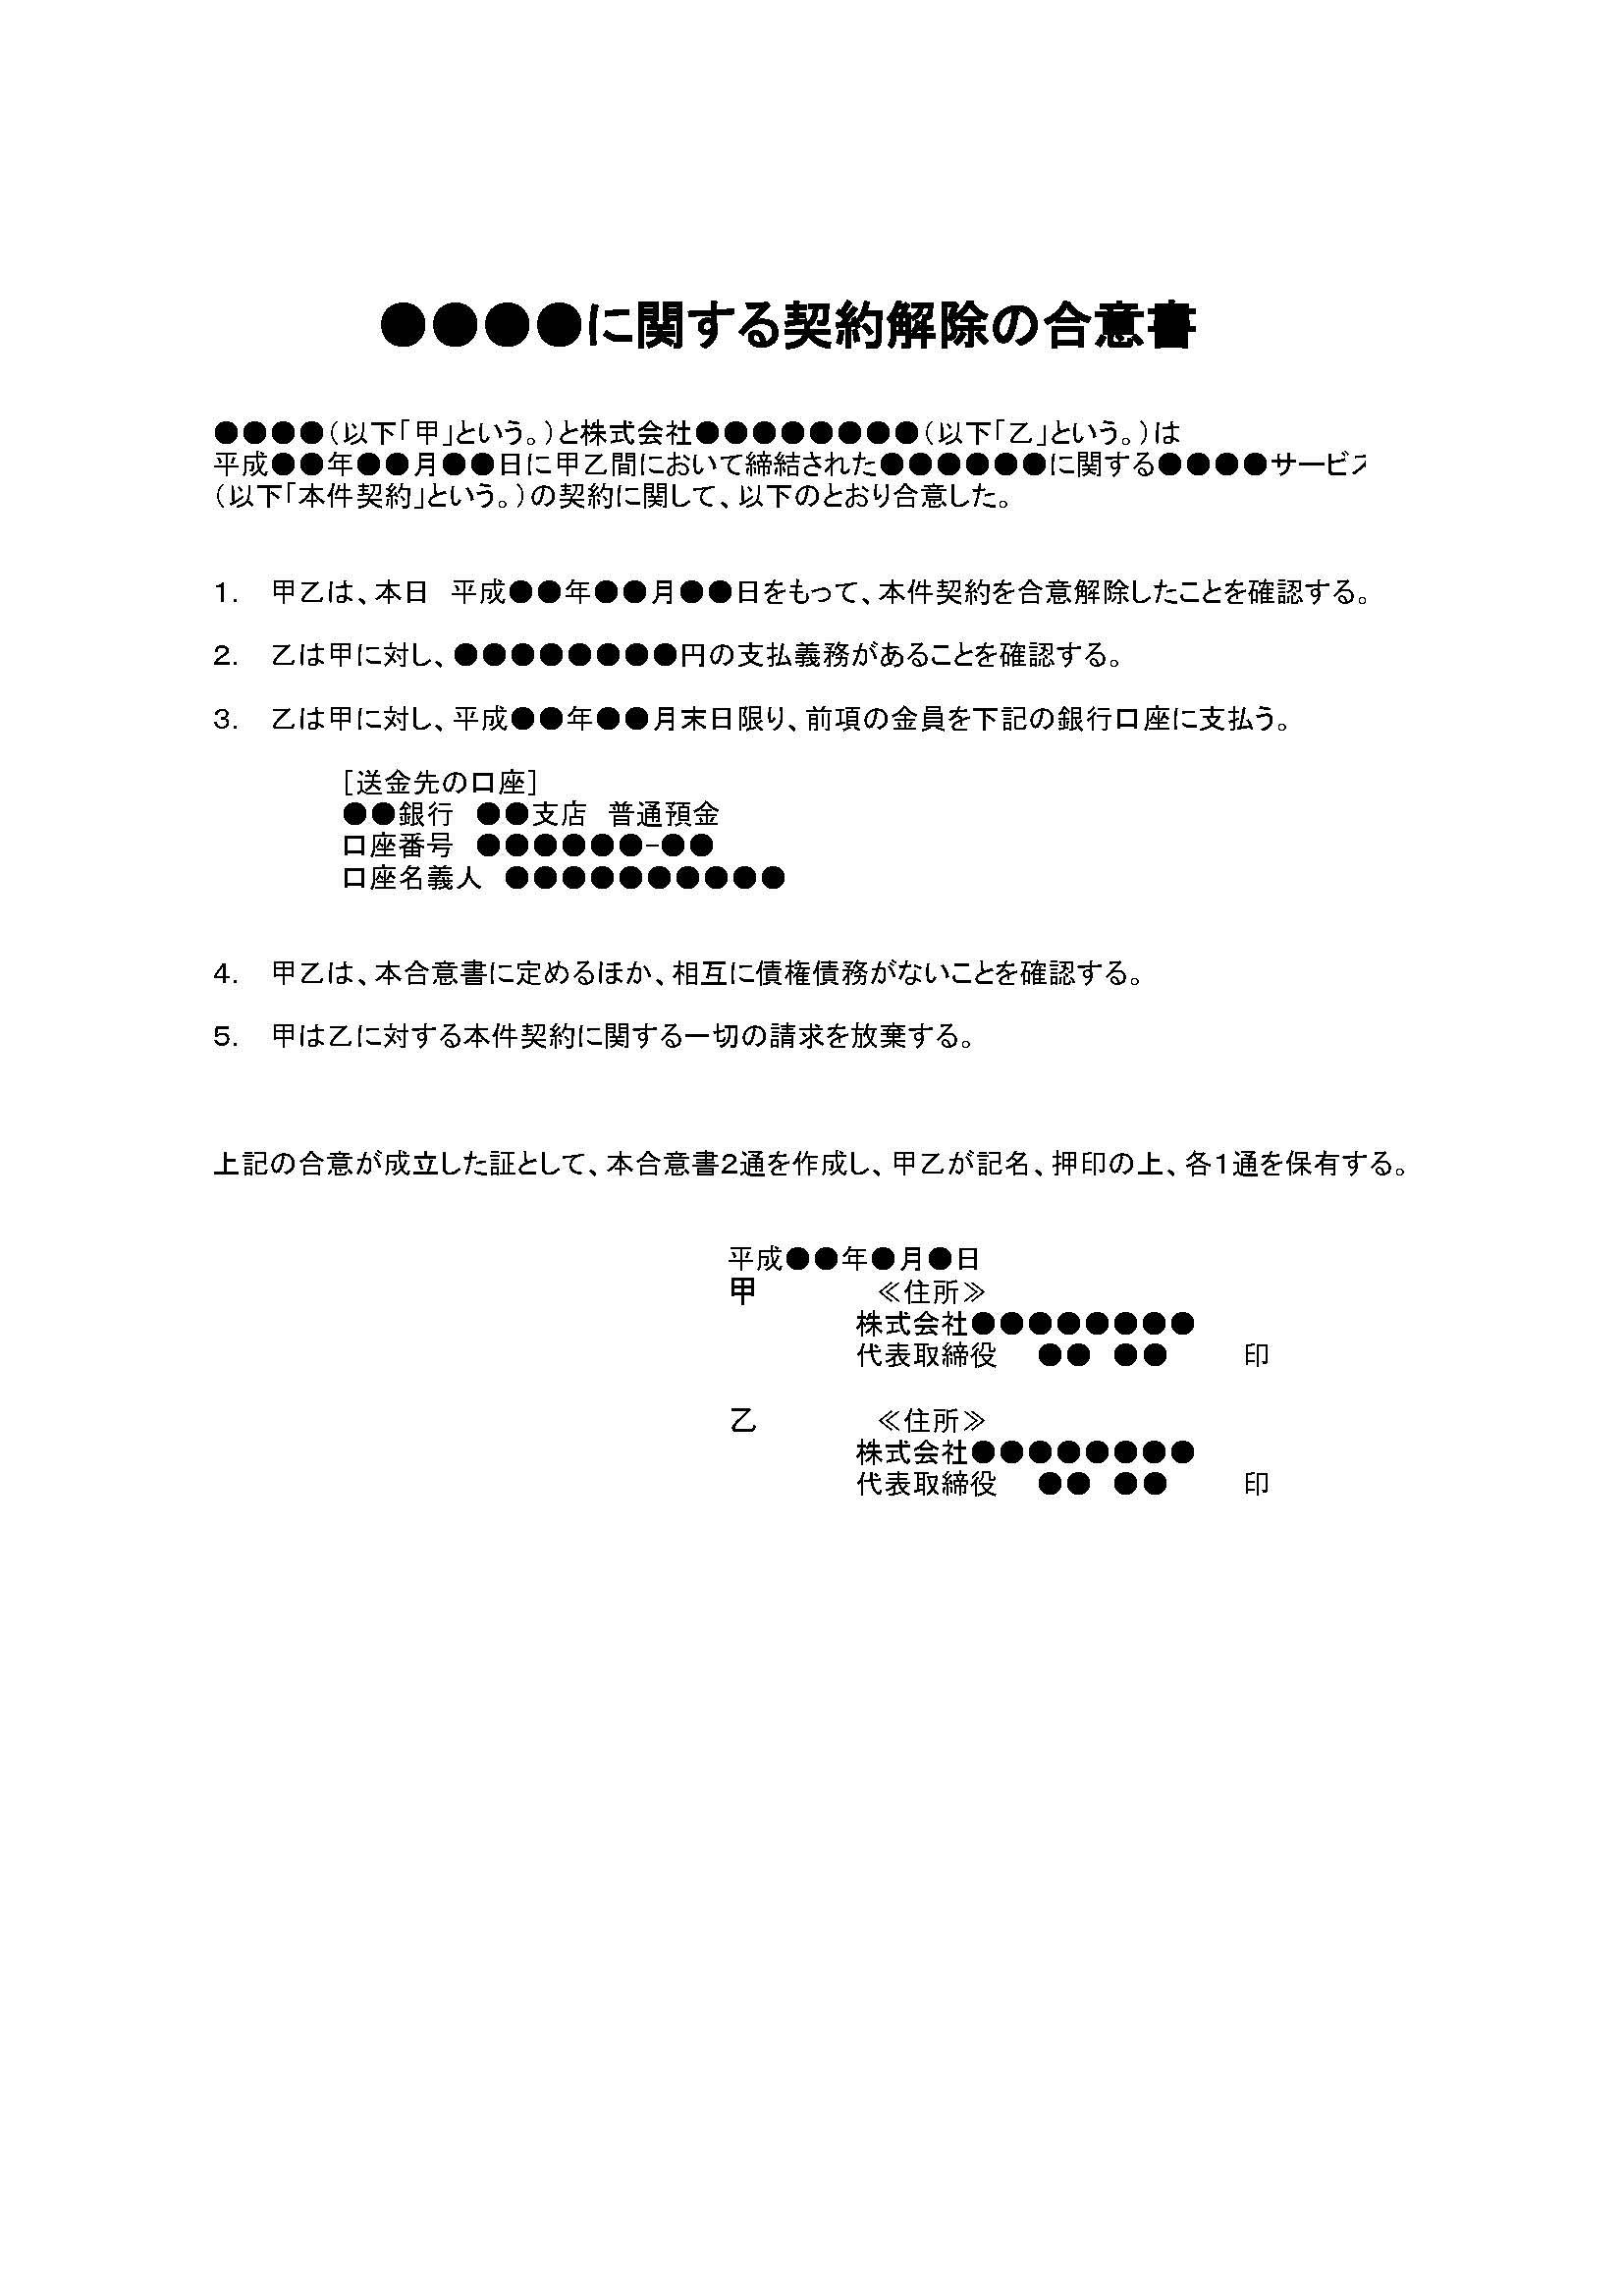 合意書(契約解除)